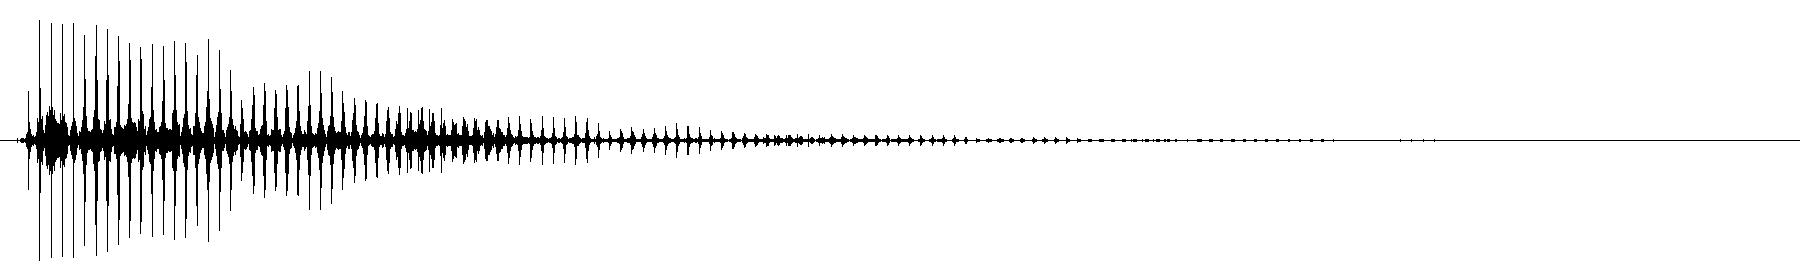 vocoder 2   german